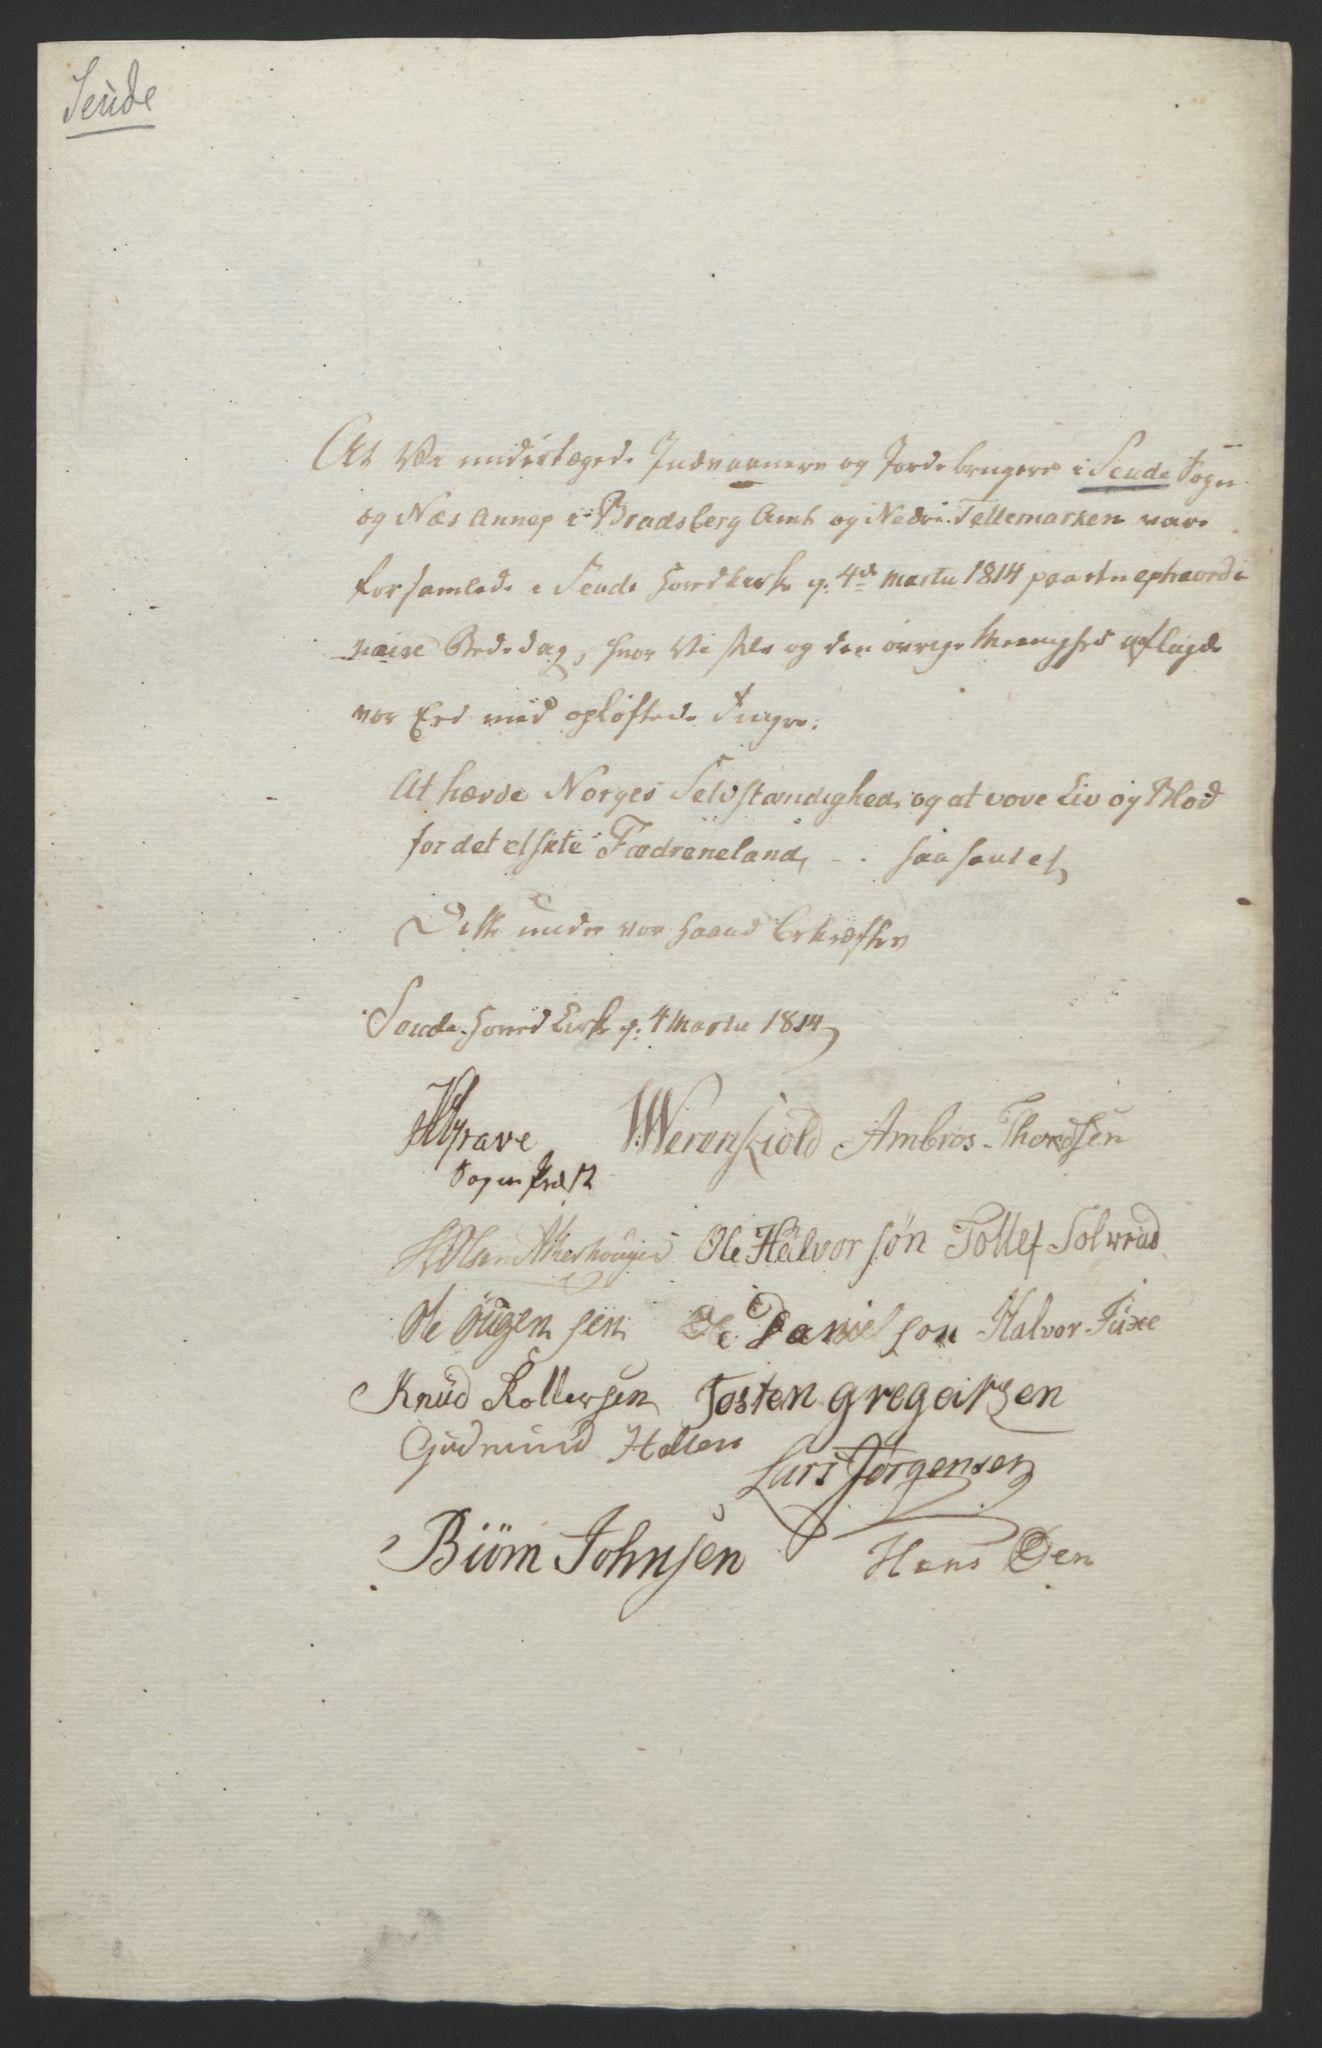 RA, Statsrådssekretariatet, D/Db/L0008: Fullmakter for Eidsvollsrepresentantene i 1814. , 1814, s. 66